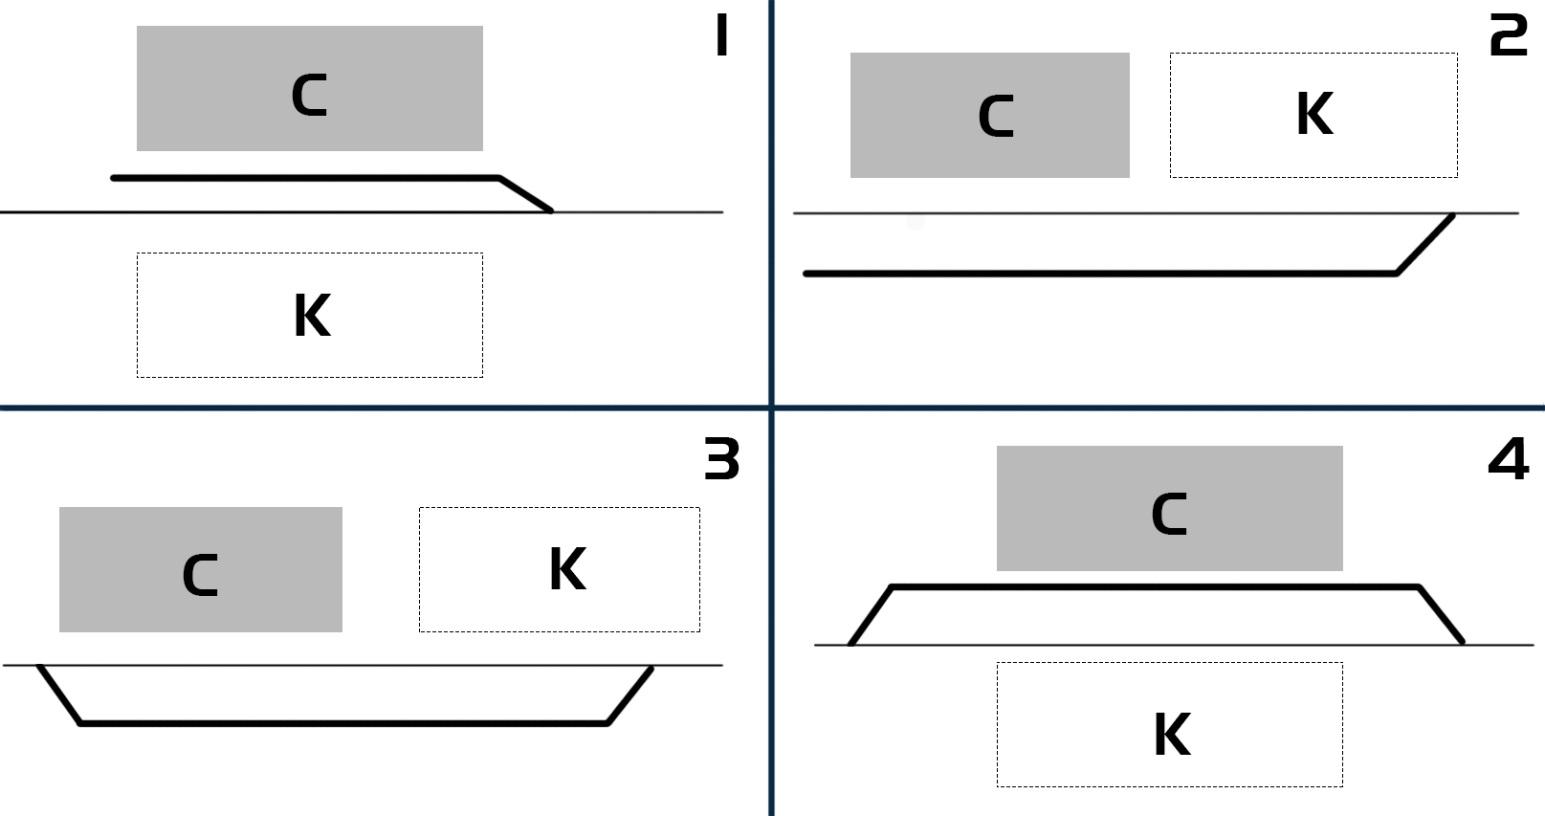 Особенности контейнерных терминалов на картинке